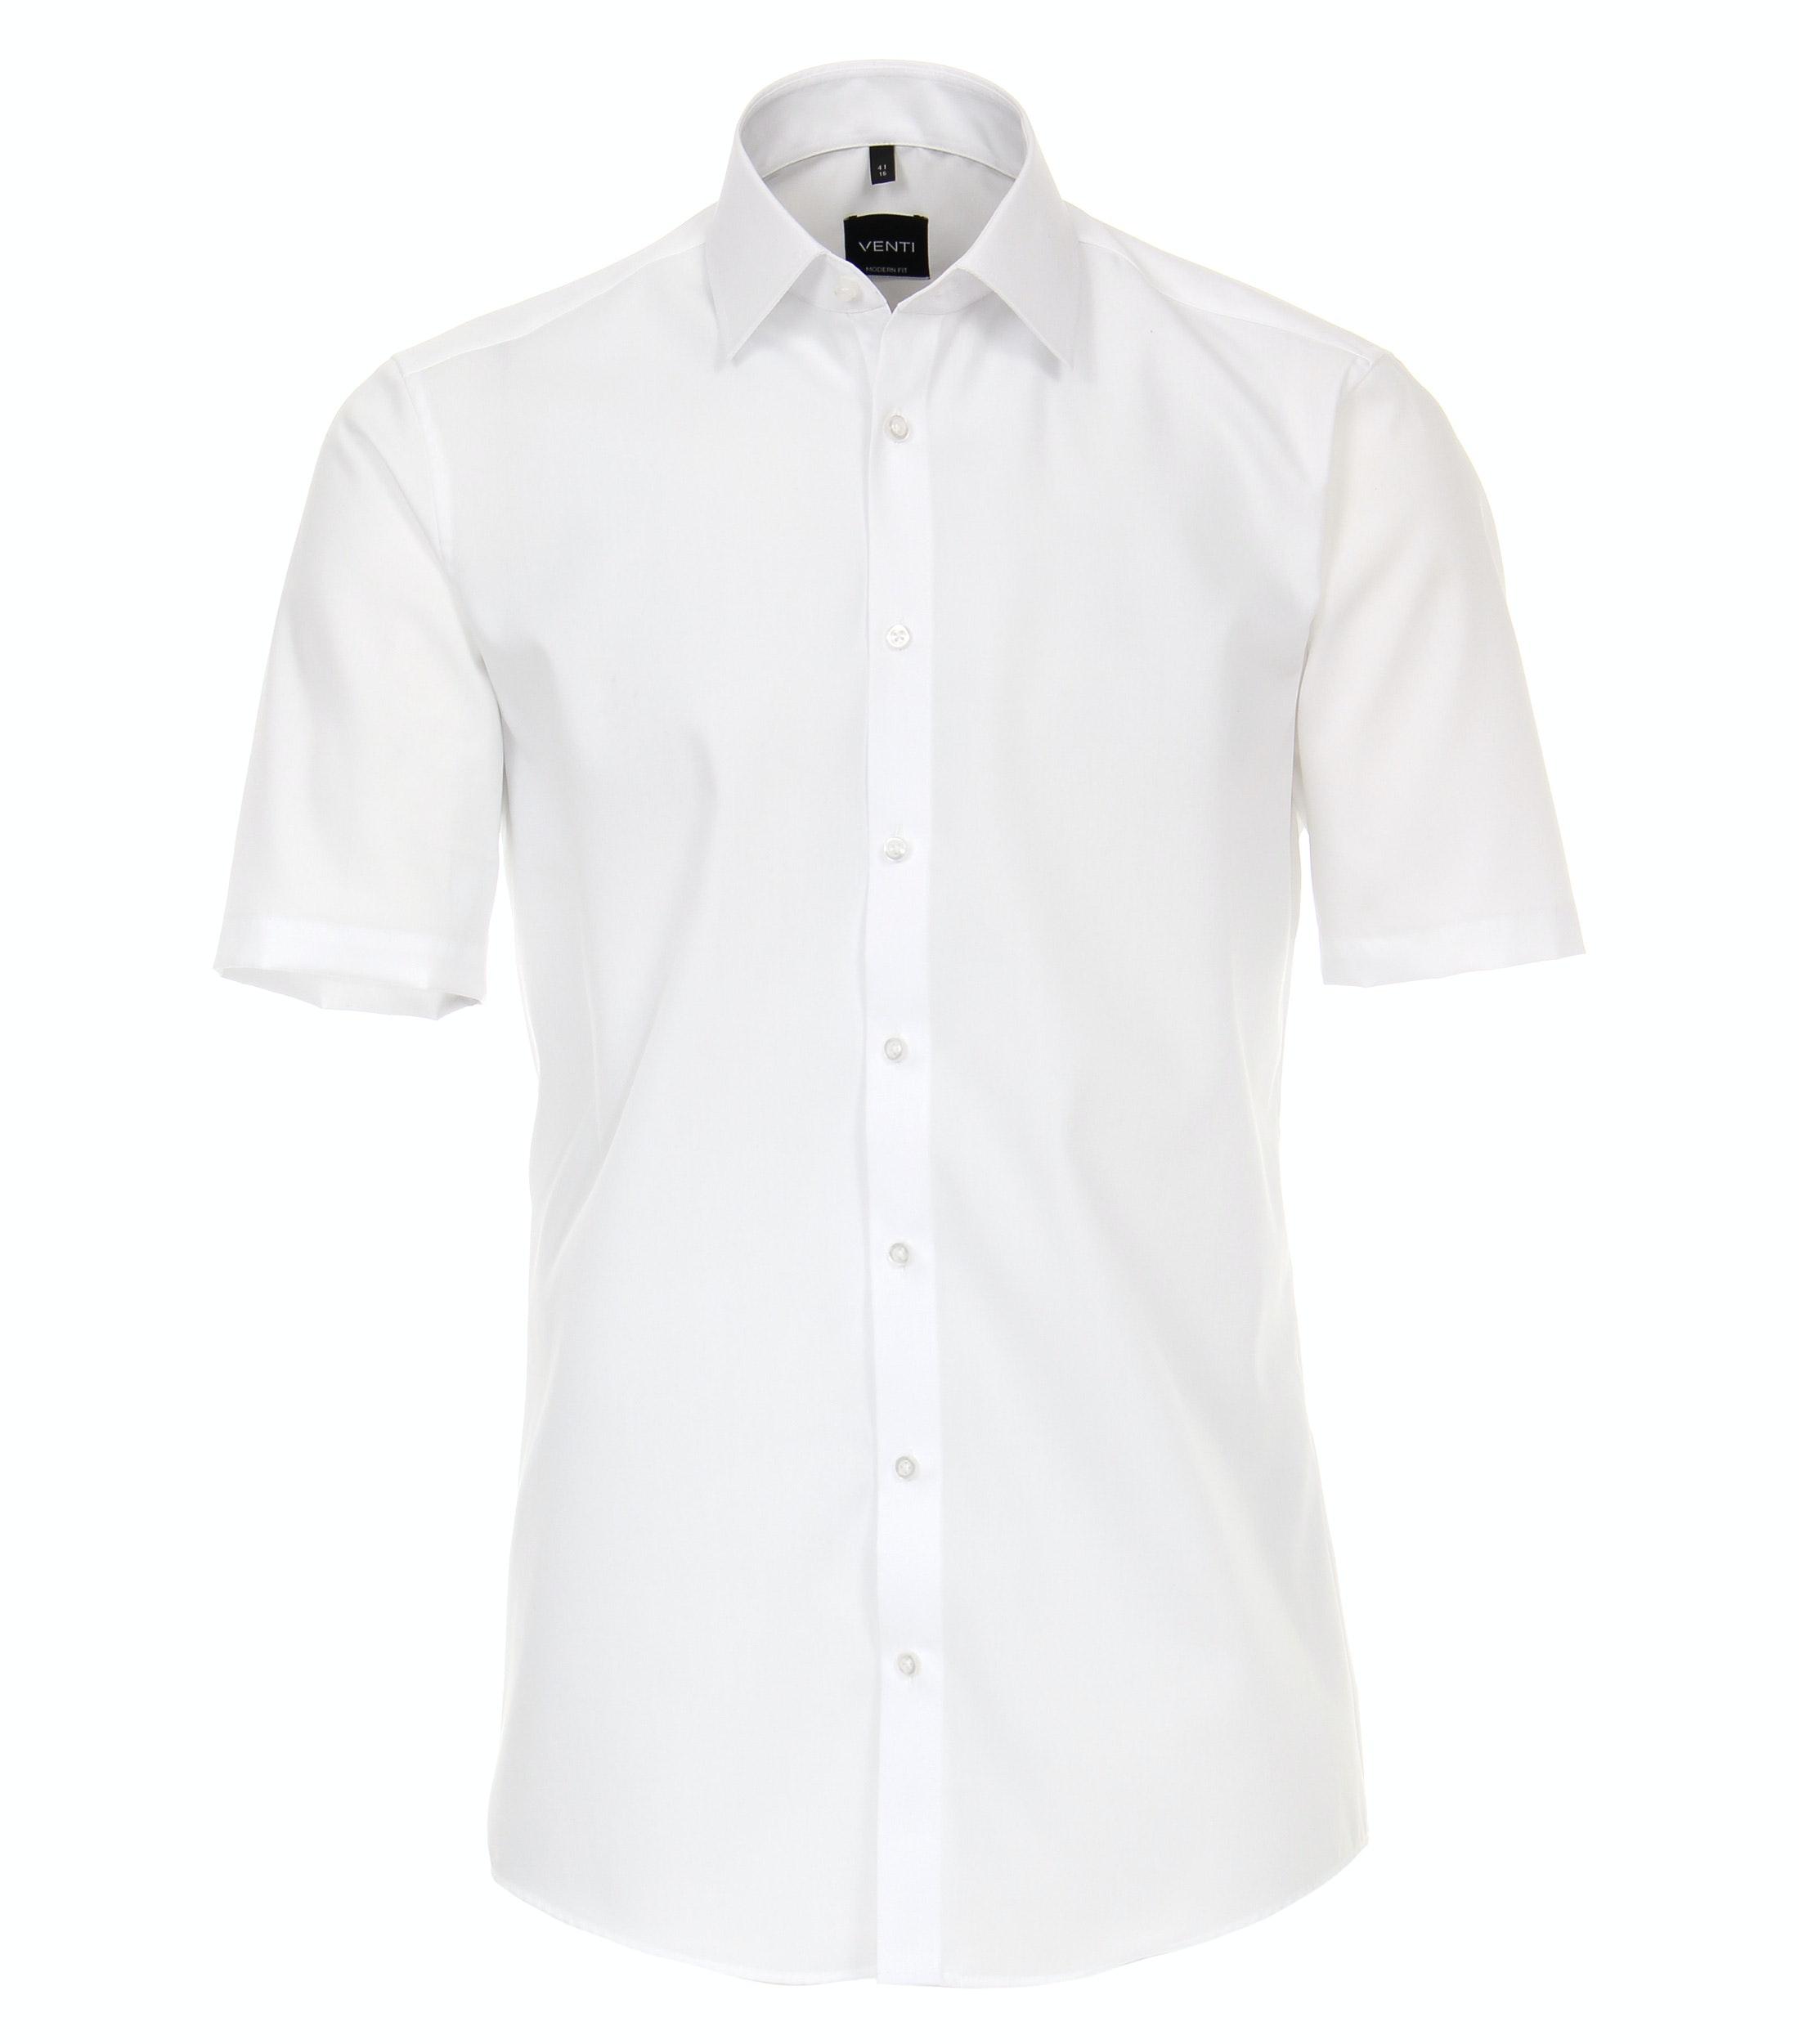 VENTI kurzarm Businesshemd aus Baumwolle, weiß